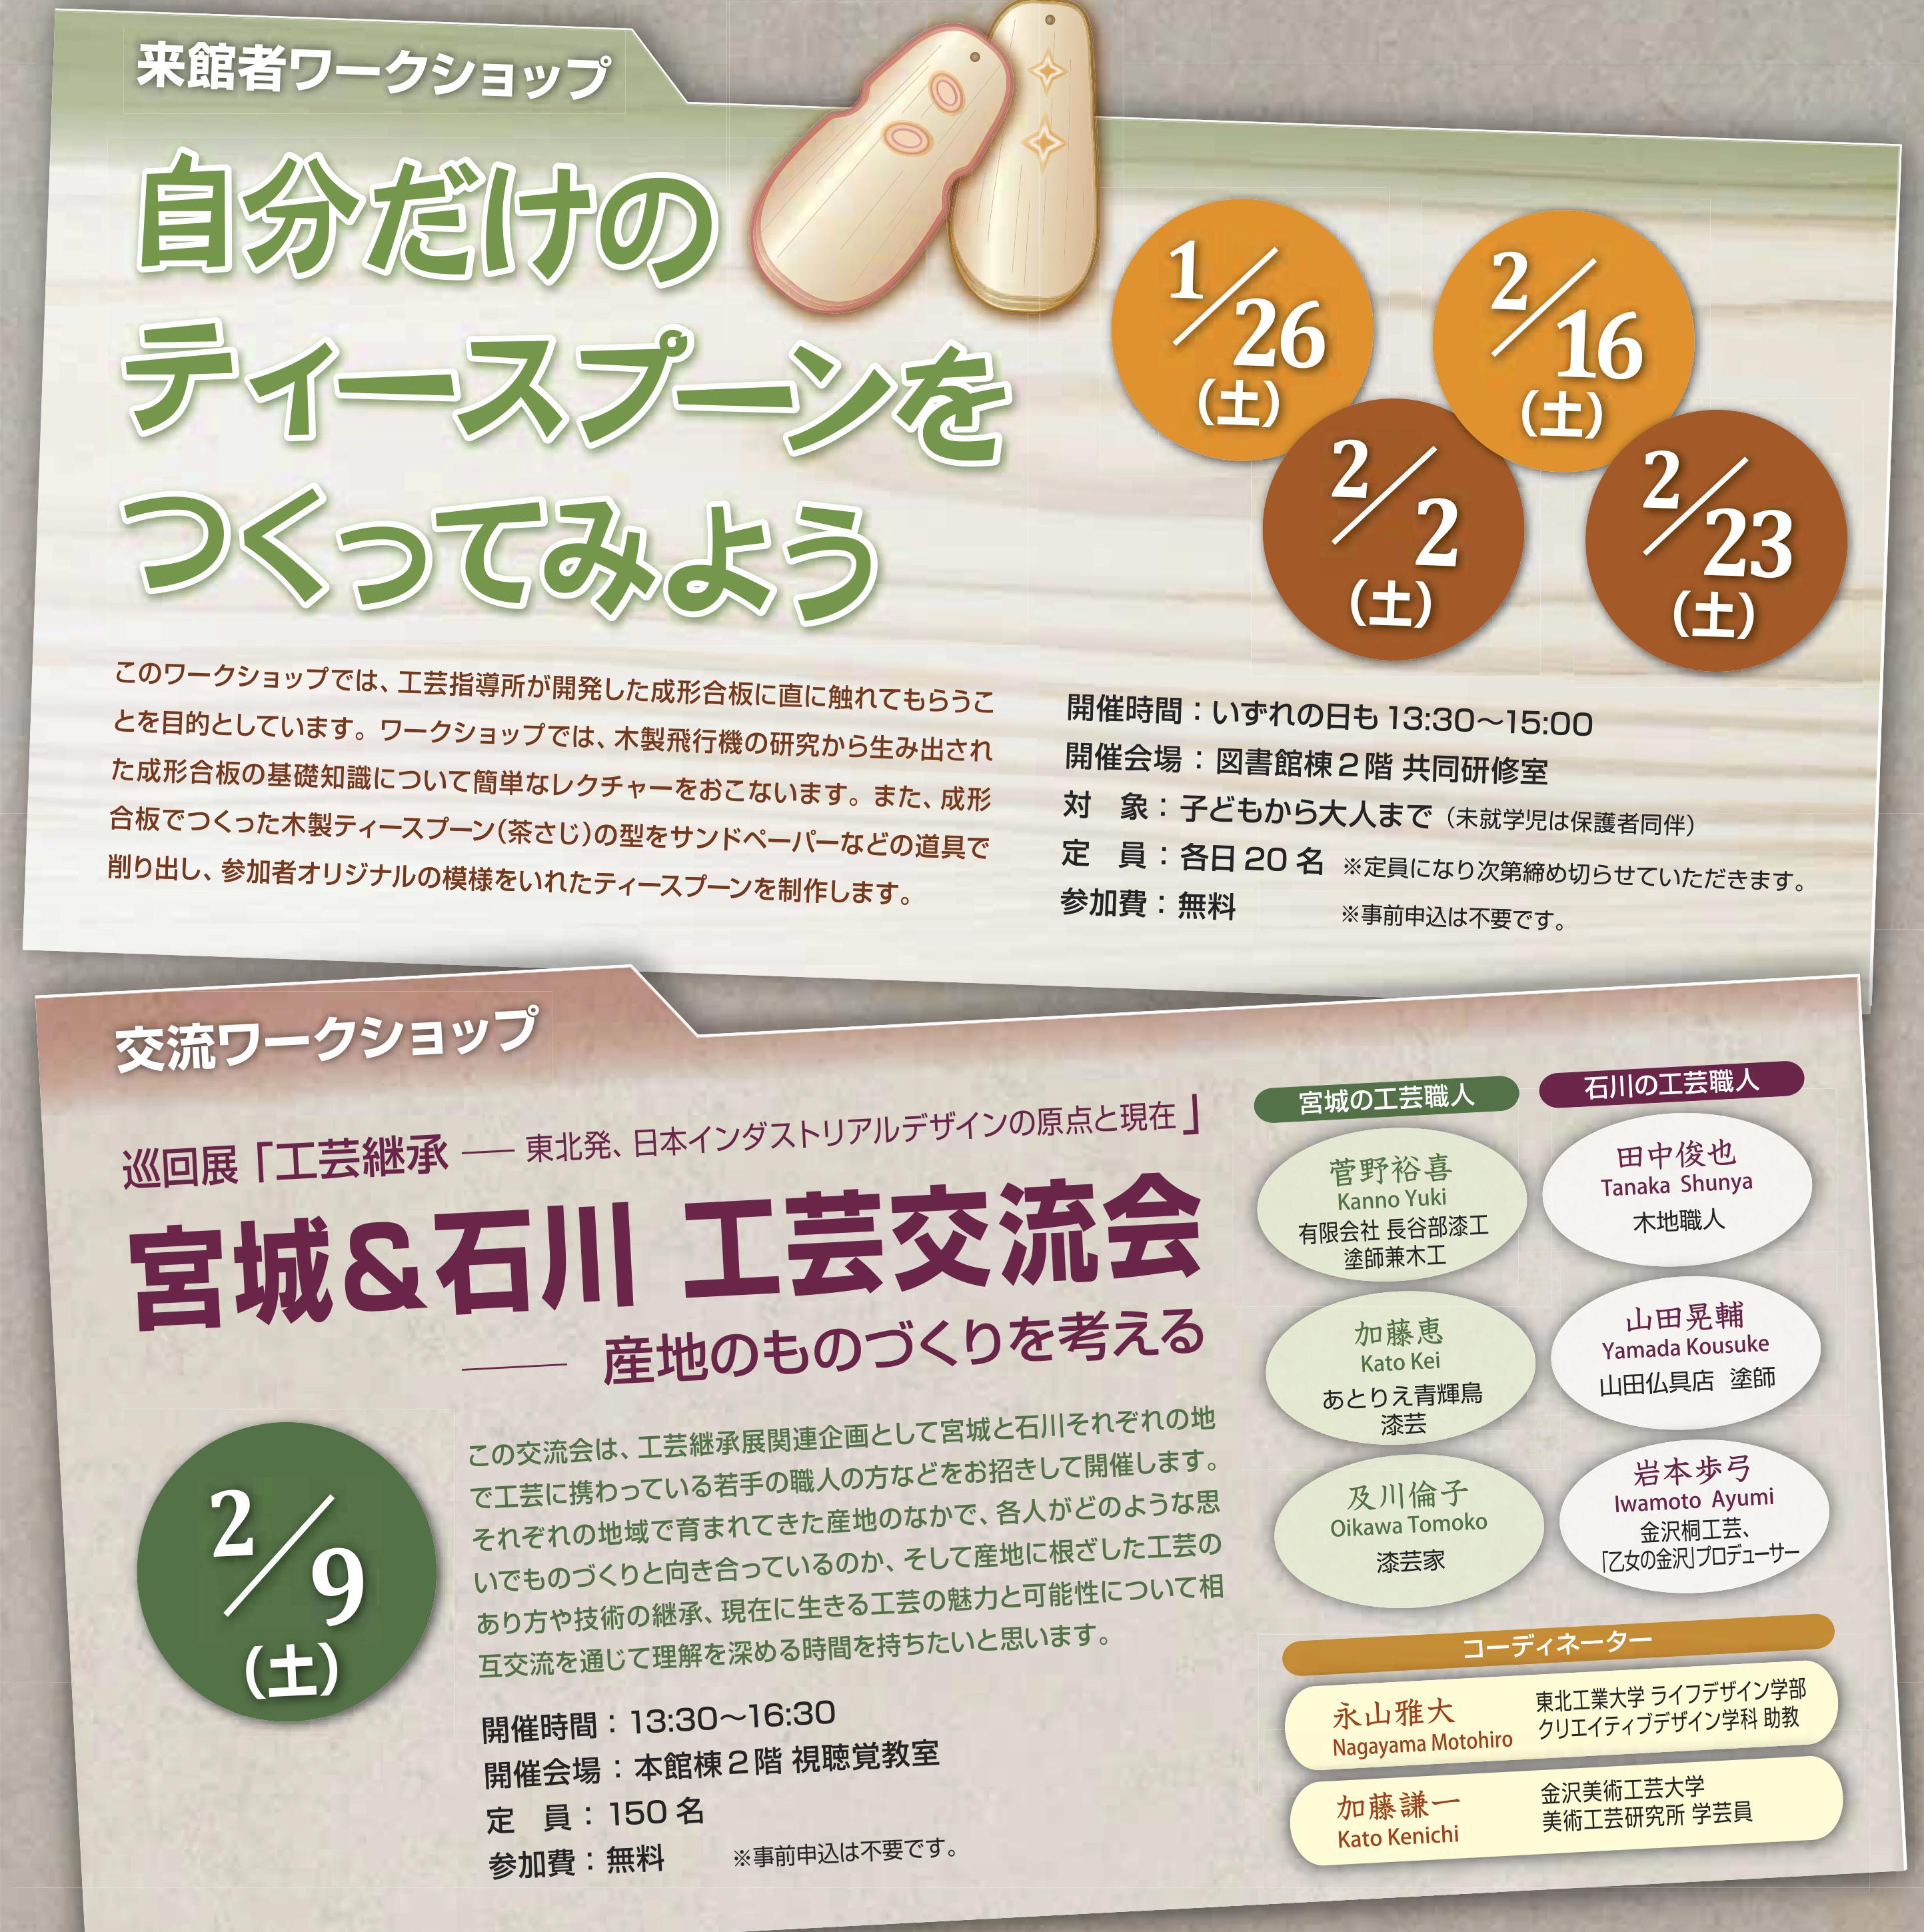 宮城&石川 工芸交流会「産地のものづくりを考える」